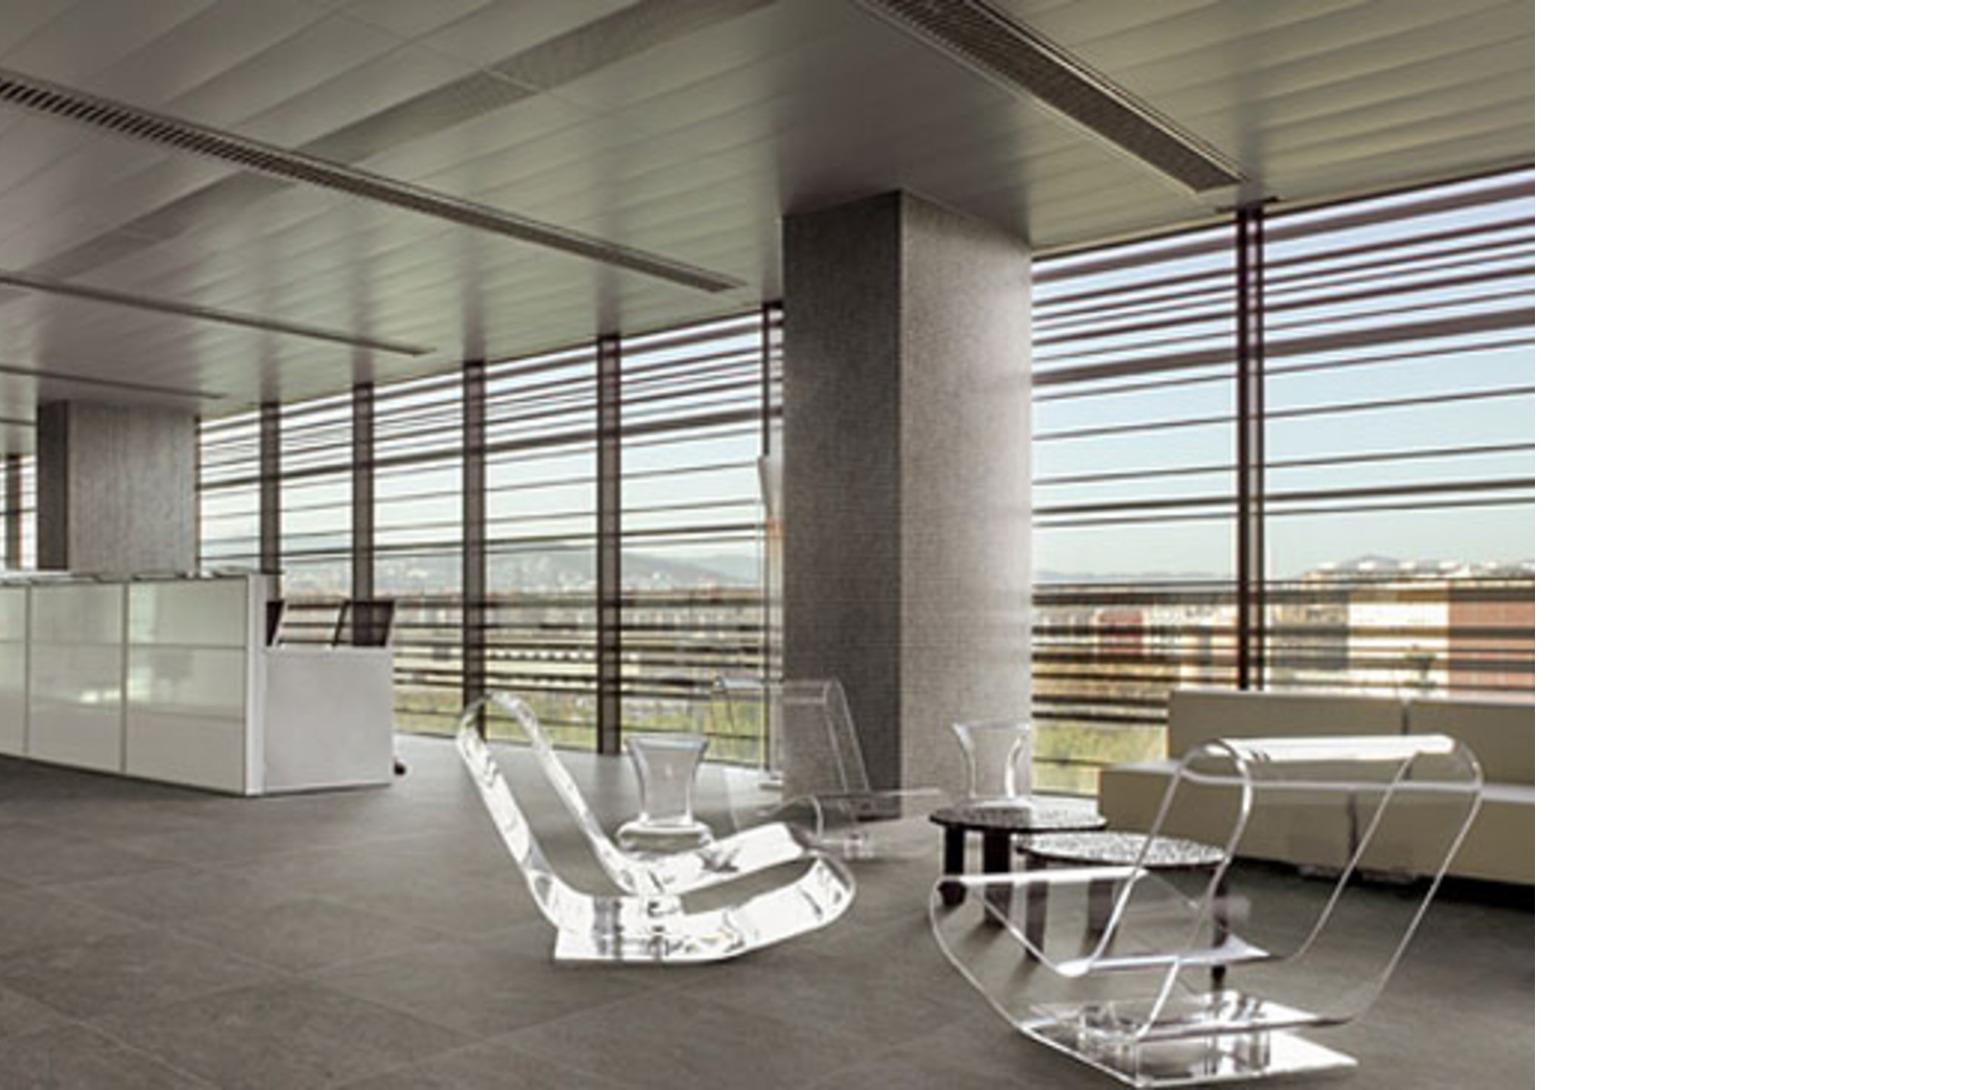 der luxus von feinsteinzeug fuer aussenanlagen floornature. Black Bedroom Furniture Sets. Home Design Ideas